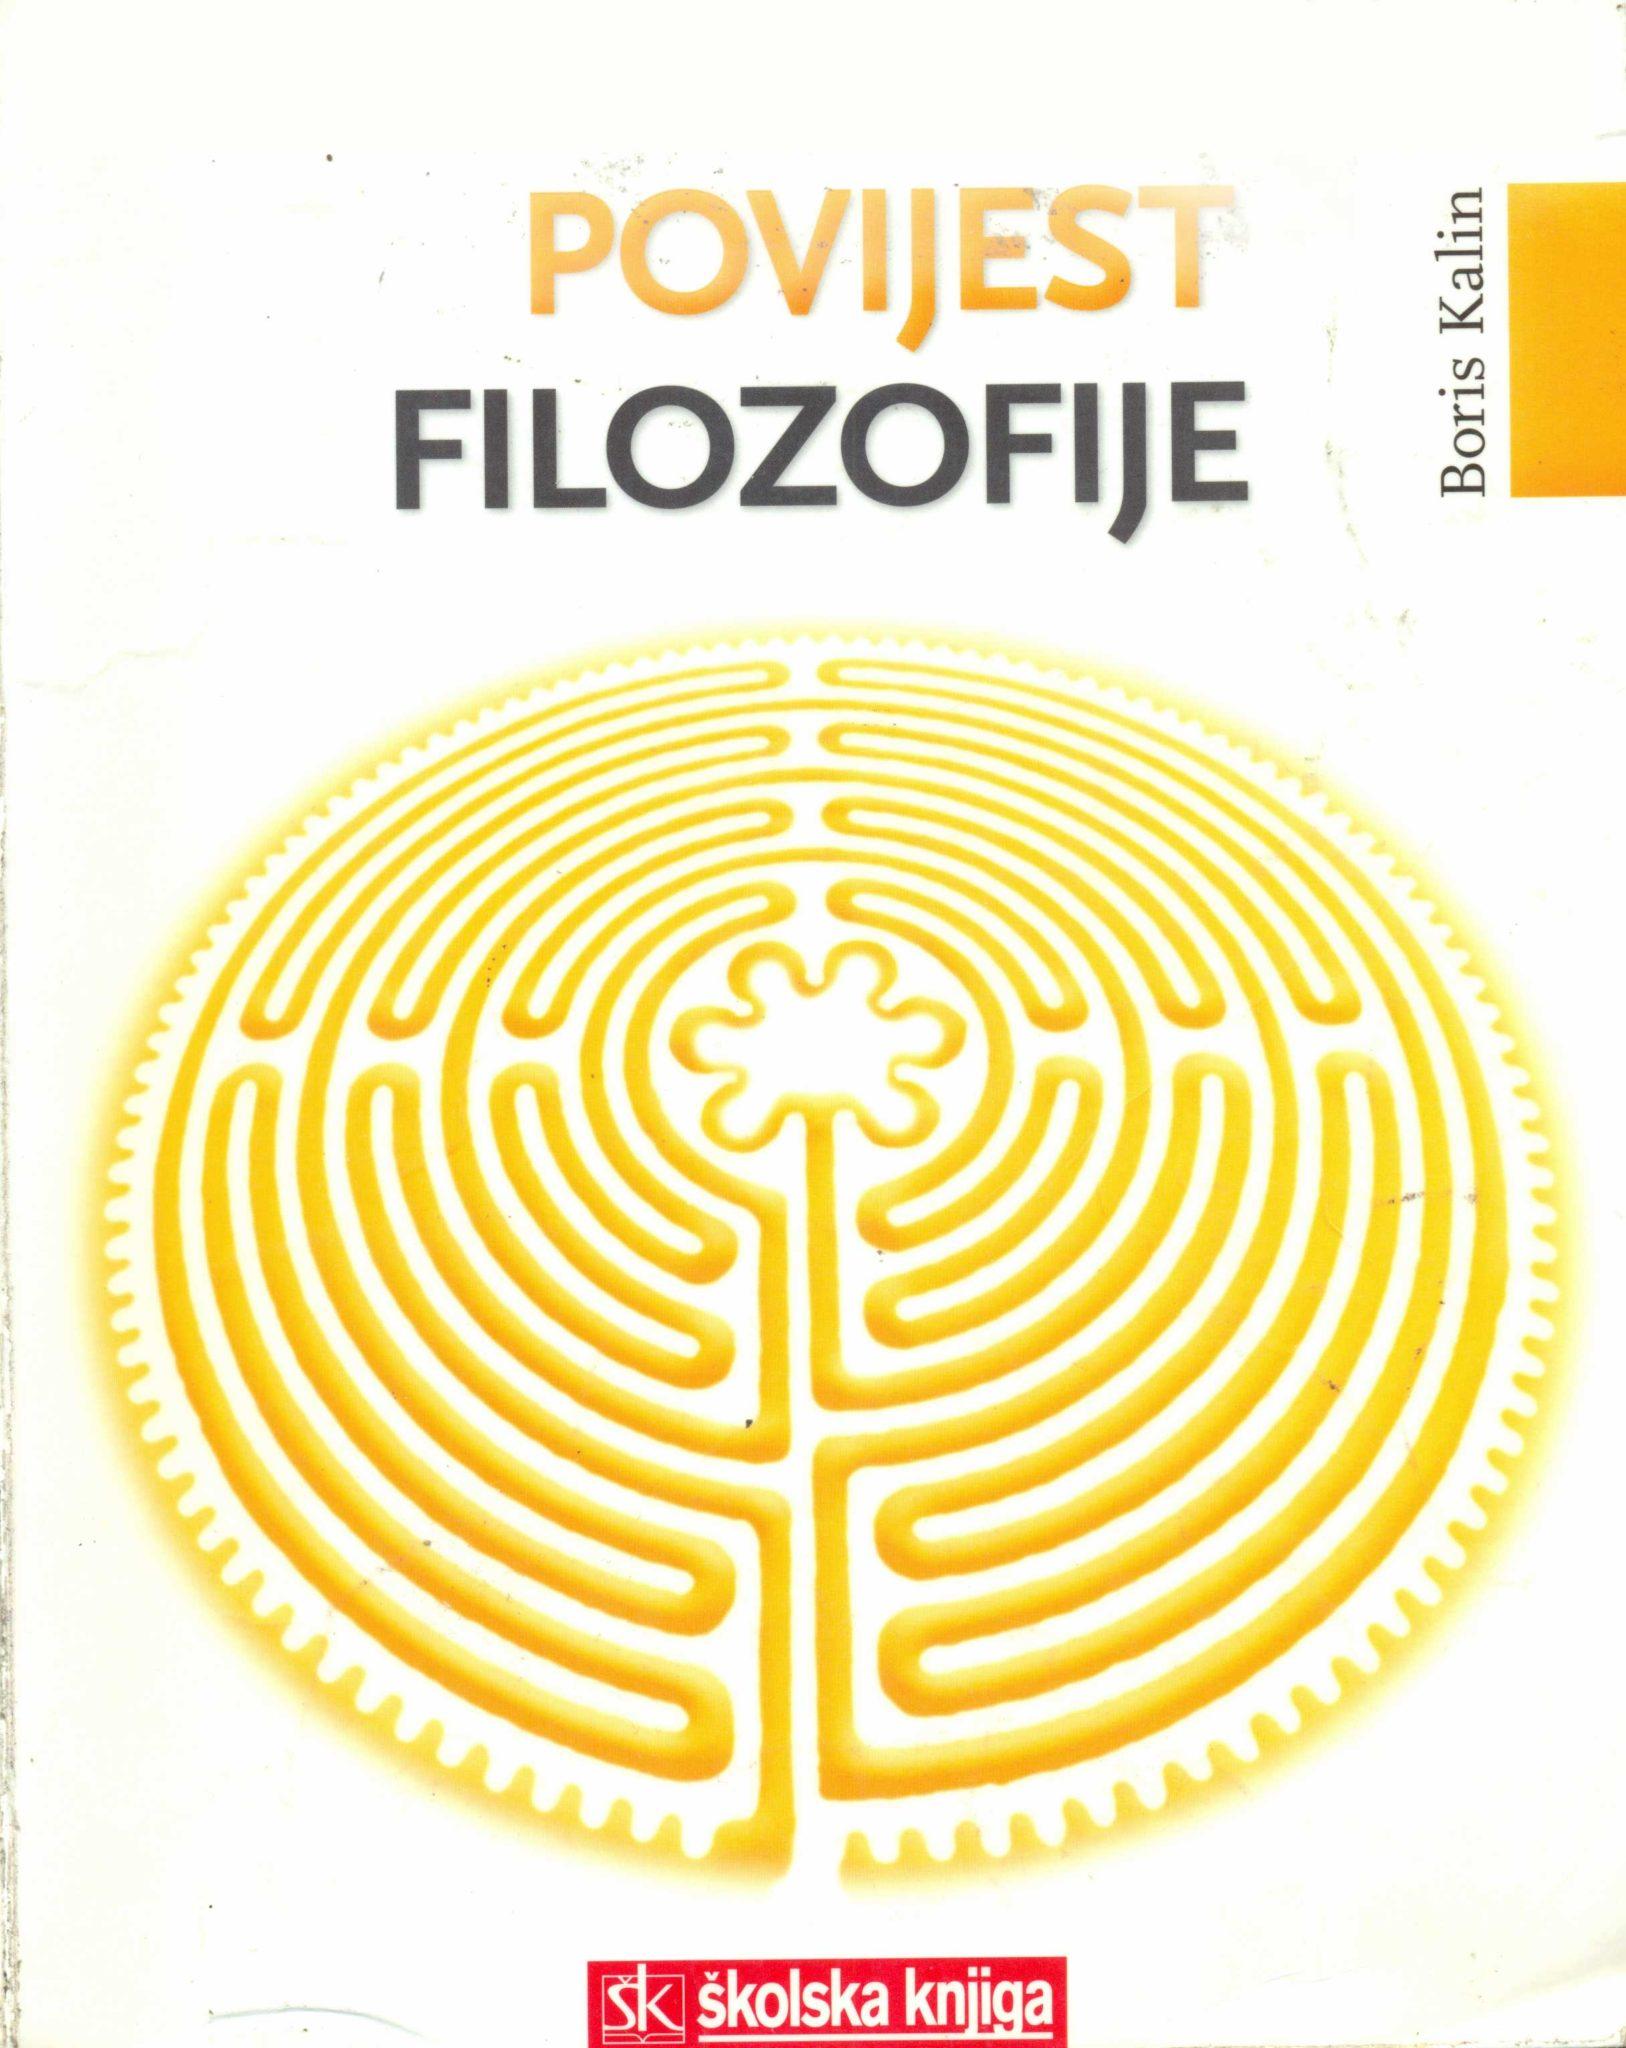 POVIJEST FILOZOFIJE S ODABRANIM TEKSTOVIMA FILOZOFA: udžbenik iz filozofije za 4. razred općih, klasičnih i jezičnih gimnazija autora Boris Kalin